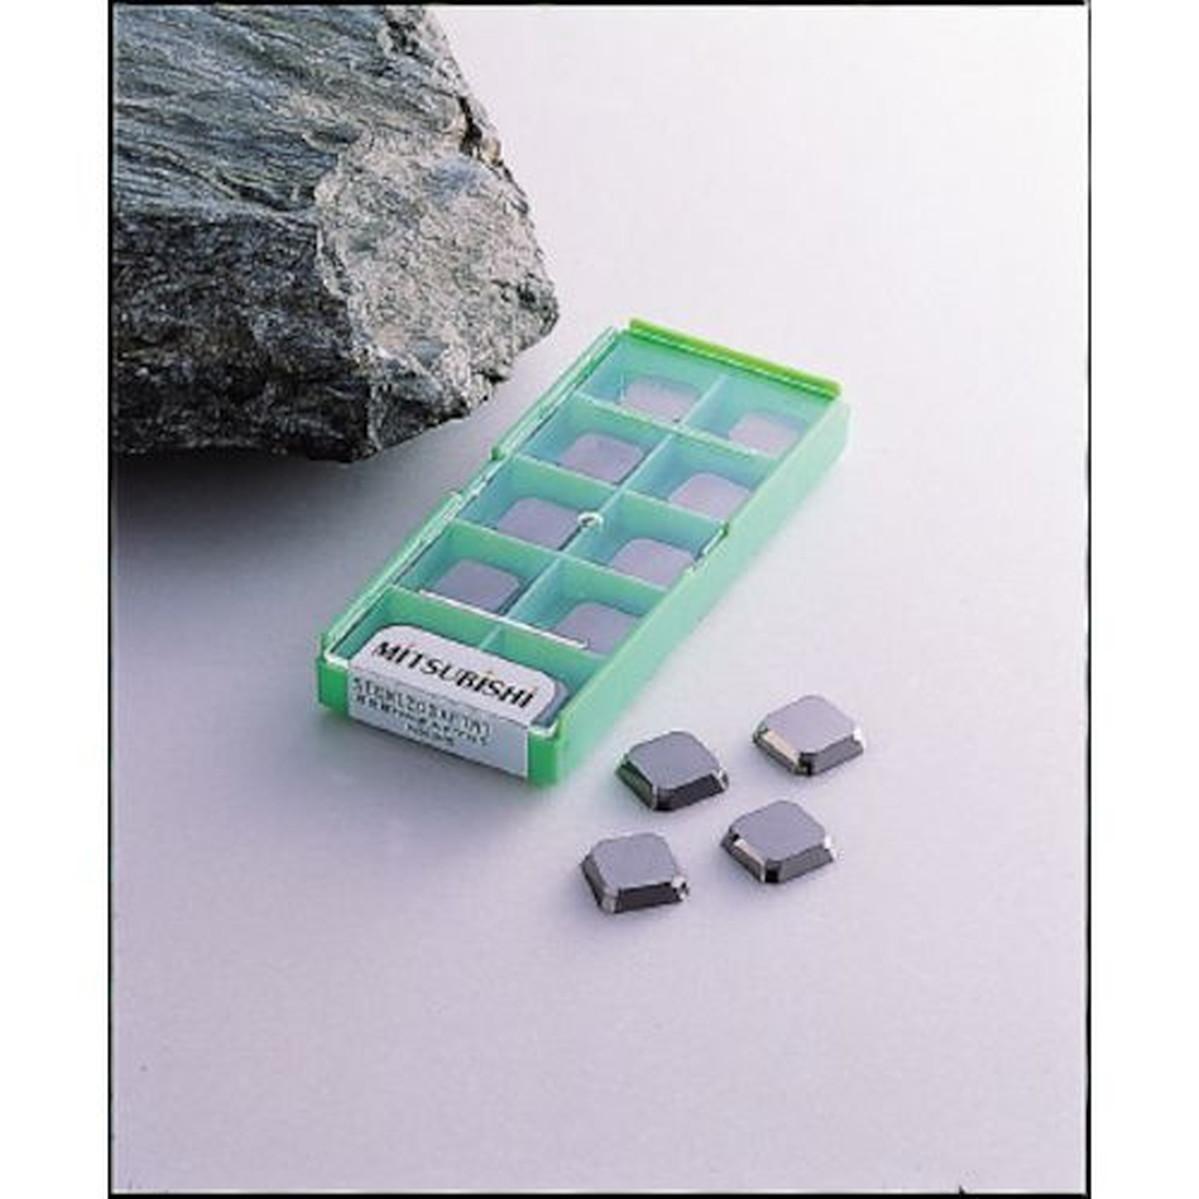 あす楽対応 DIY用品 三菱 NX4545 10個 フライスチップ 最新 送料無料新品